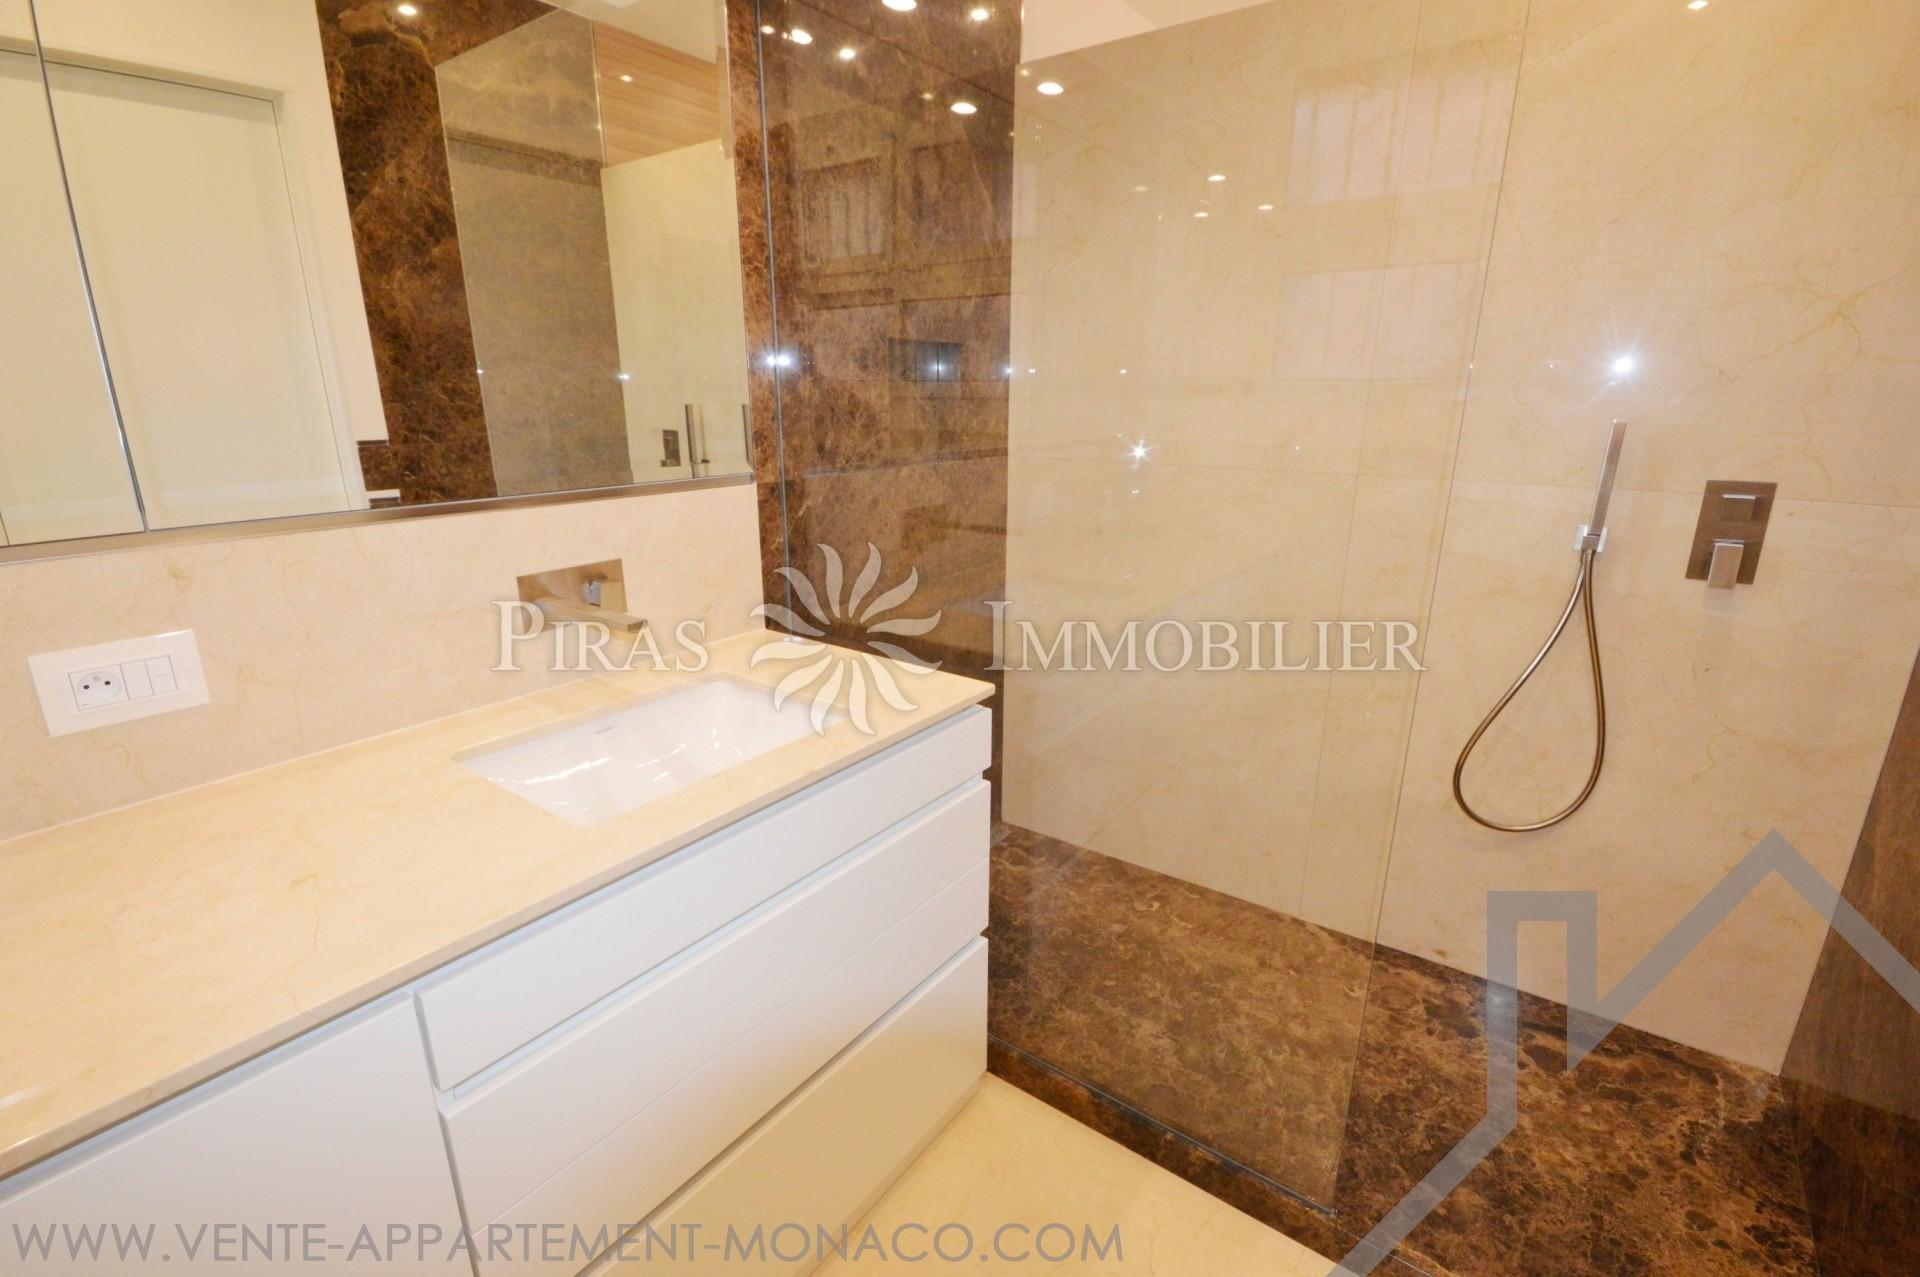 monte carlo house appartement 2 pi ces propri t s vendre monaco. Black Bedroom Furniture Sets. Home Design Ideas